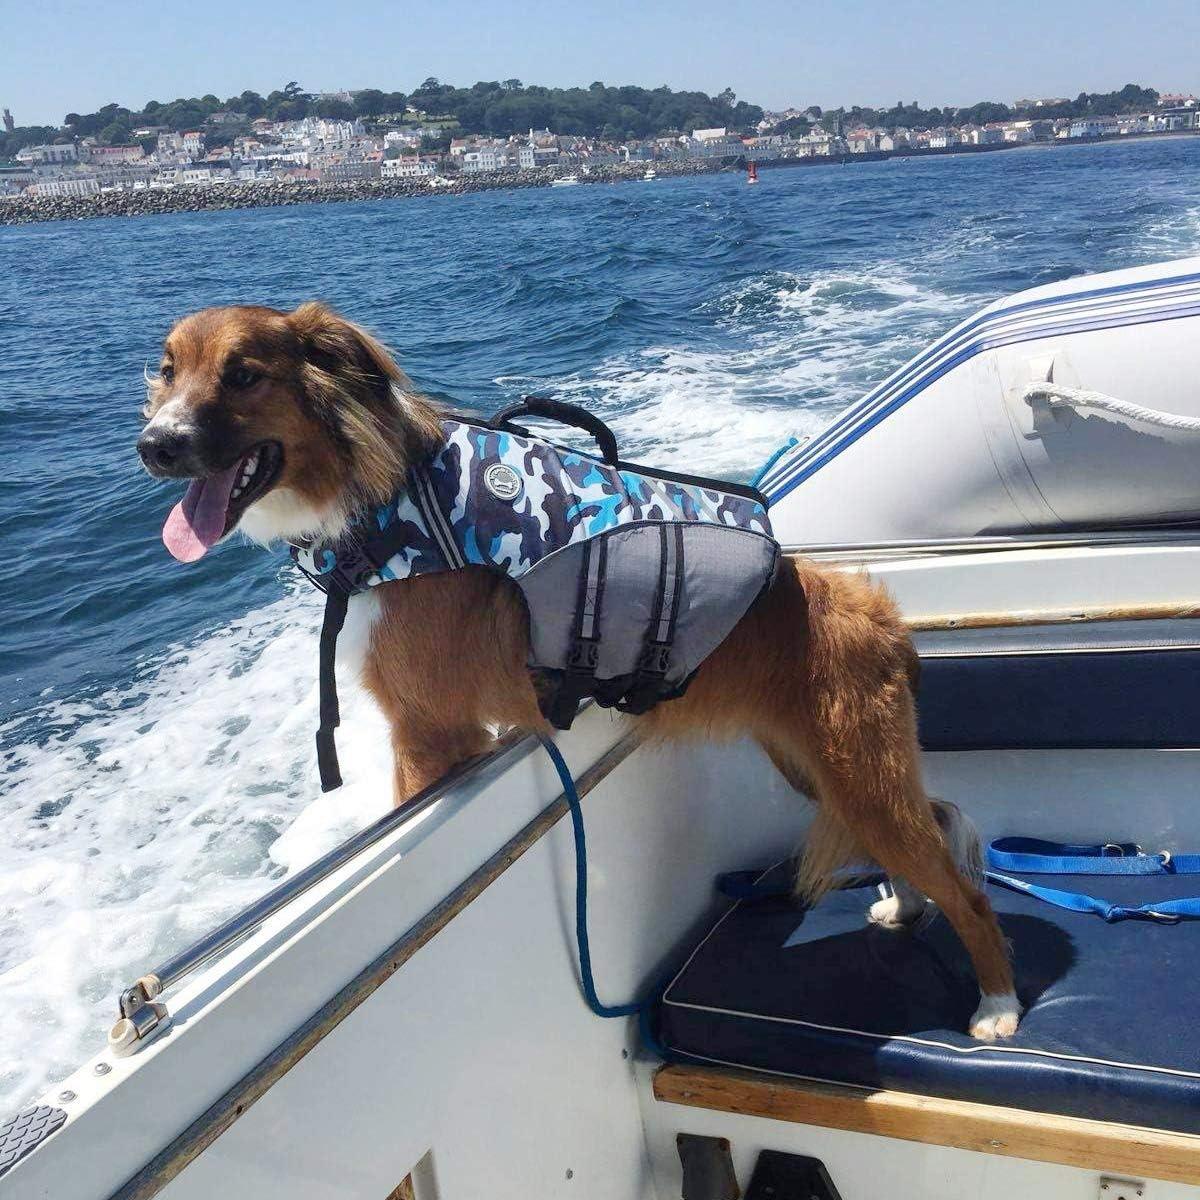 VIVAGLORY Neuartige Sport Style Ripstop Haustier Hunde-Schwimmweste mit /überlegenem Auftrieb und Rettungsgriff